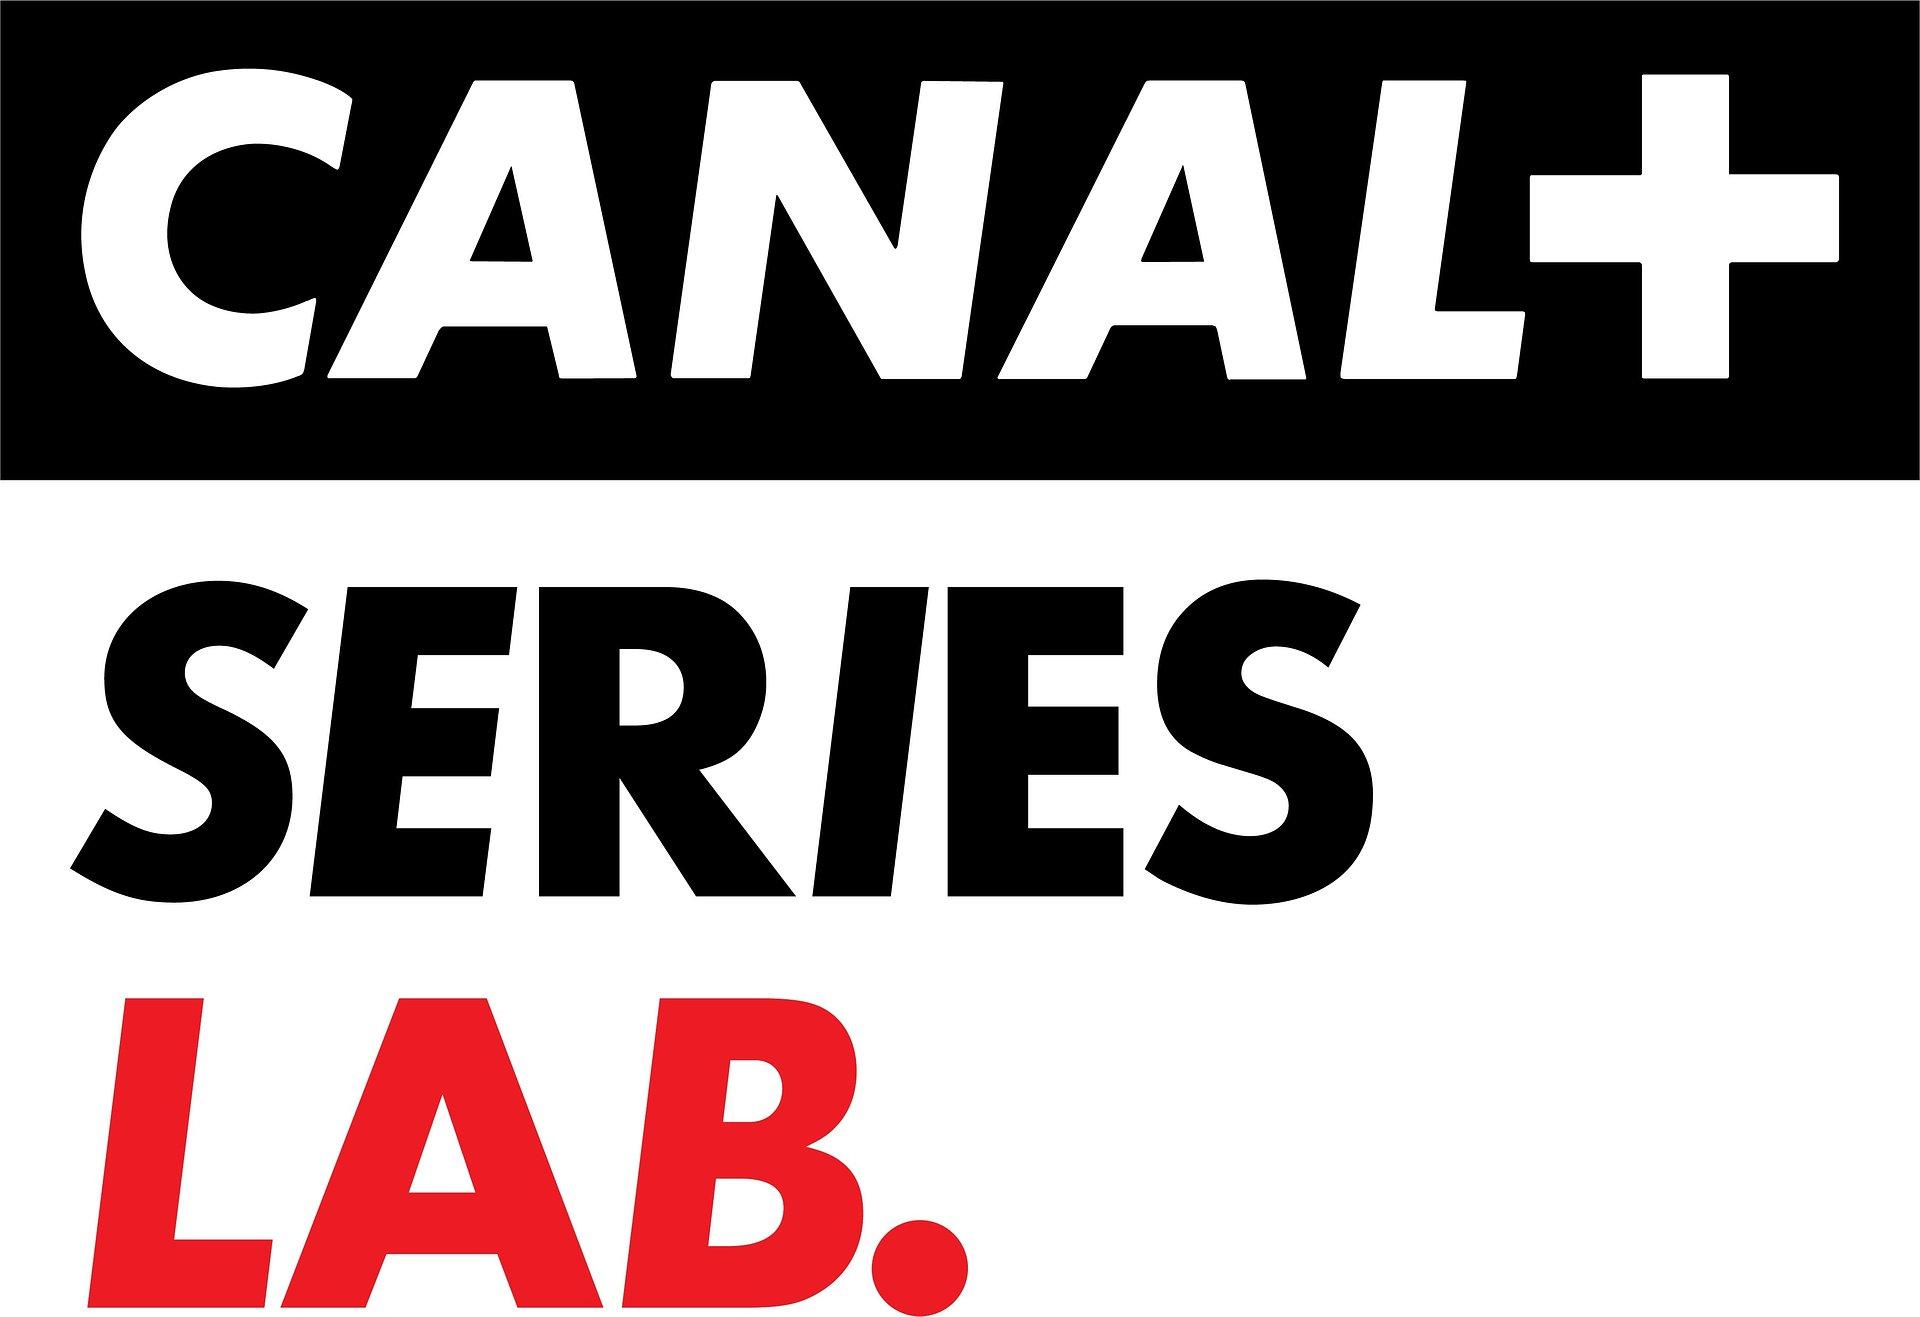 CANAL+ ogłasza finalistów 6. edycji CANAL+ SERIES LAB., programu dla scenarzystów, reżyserów i producentów.